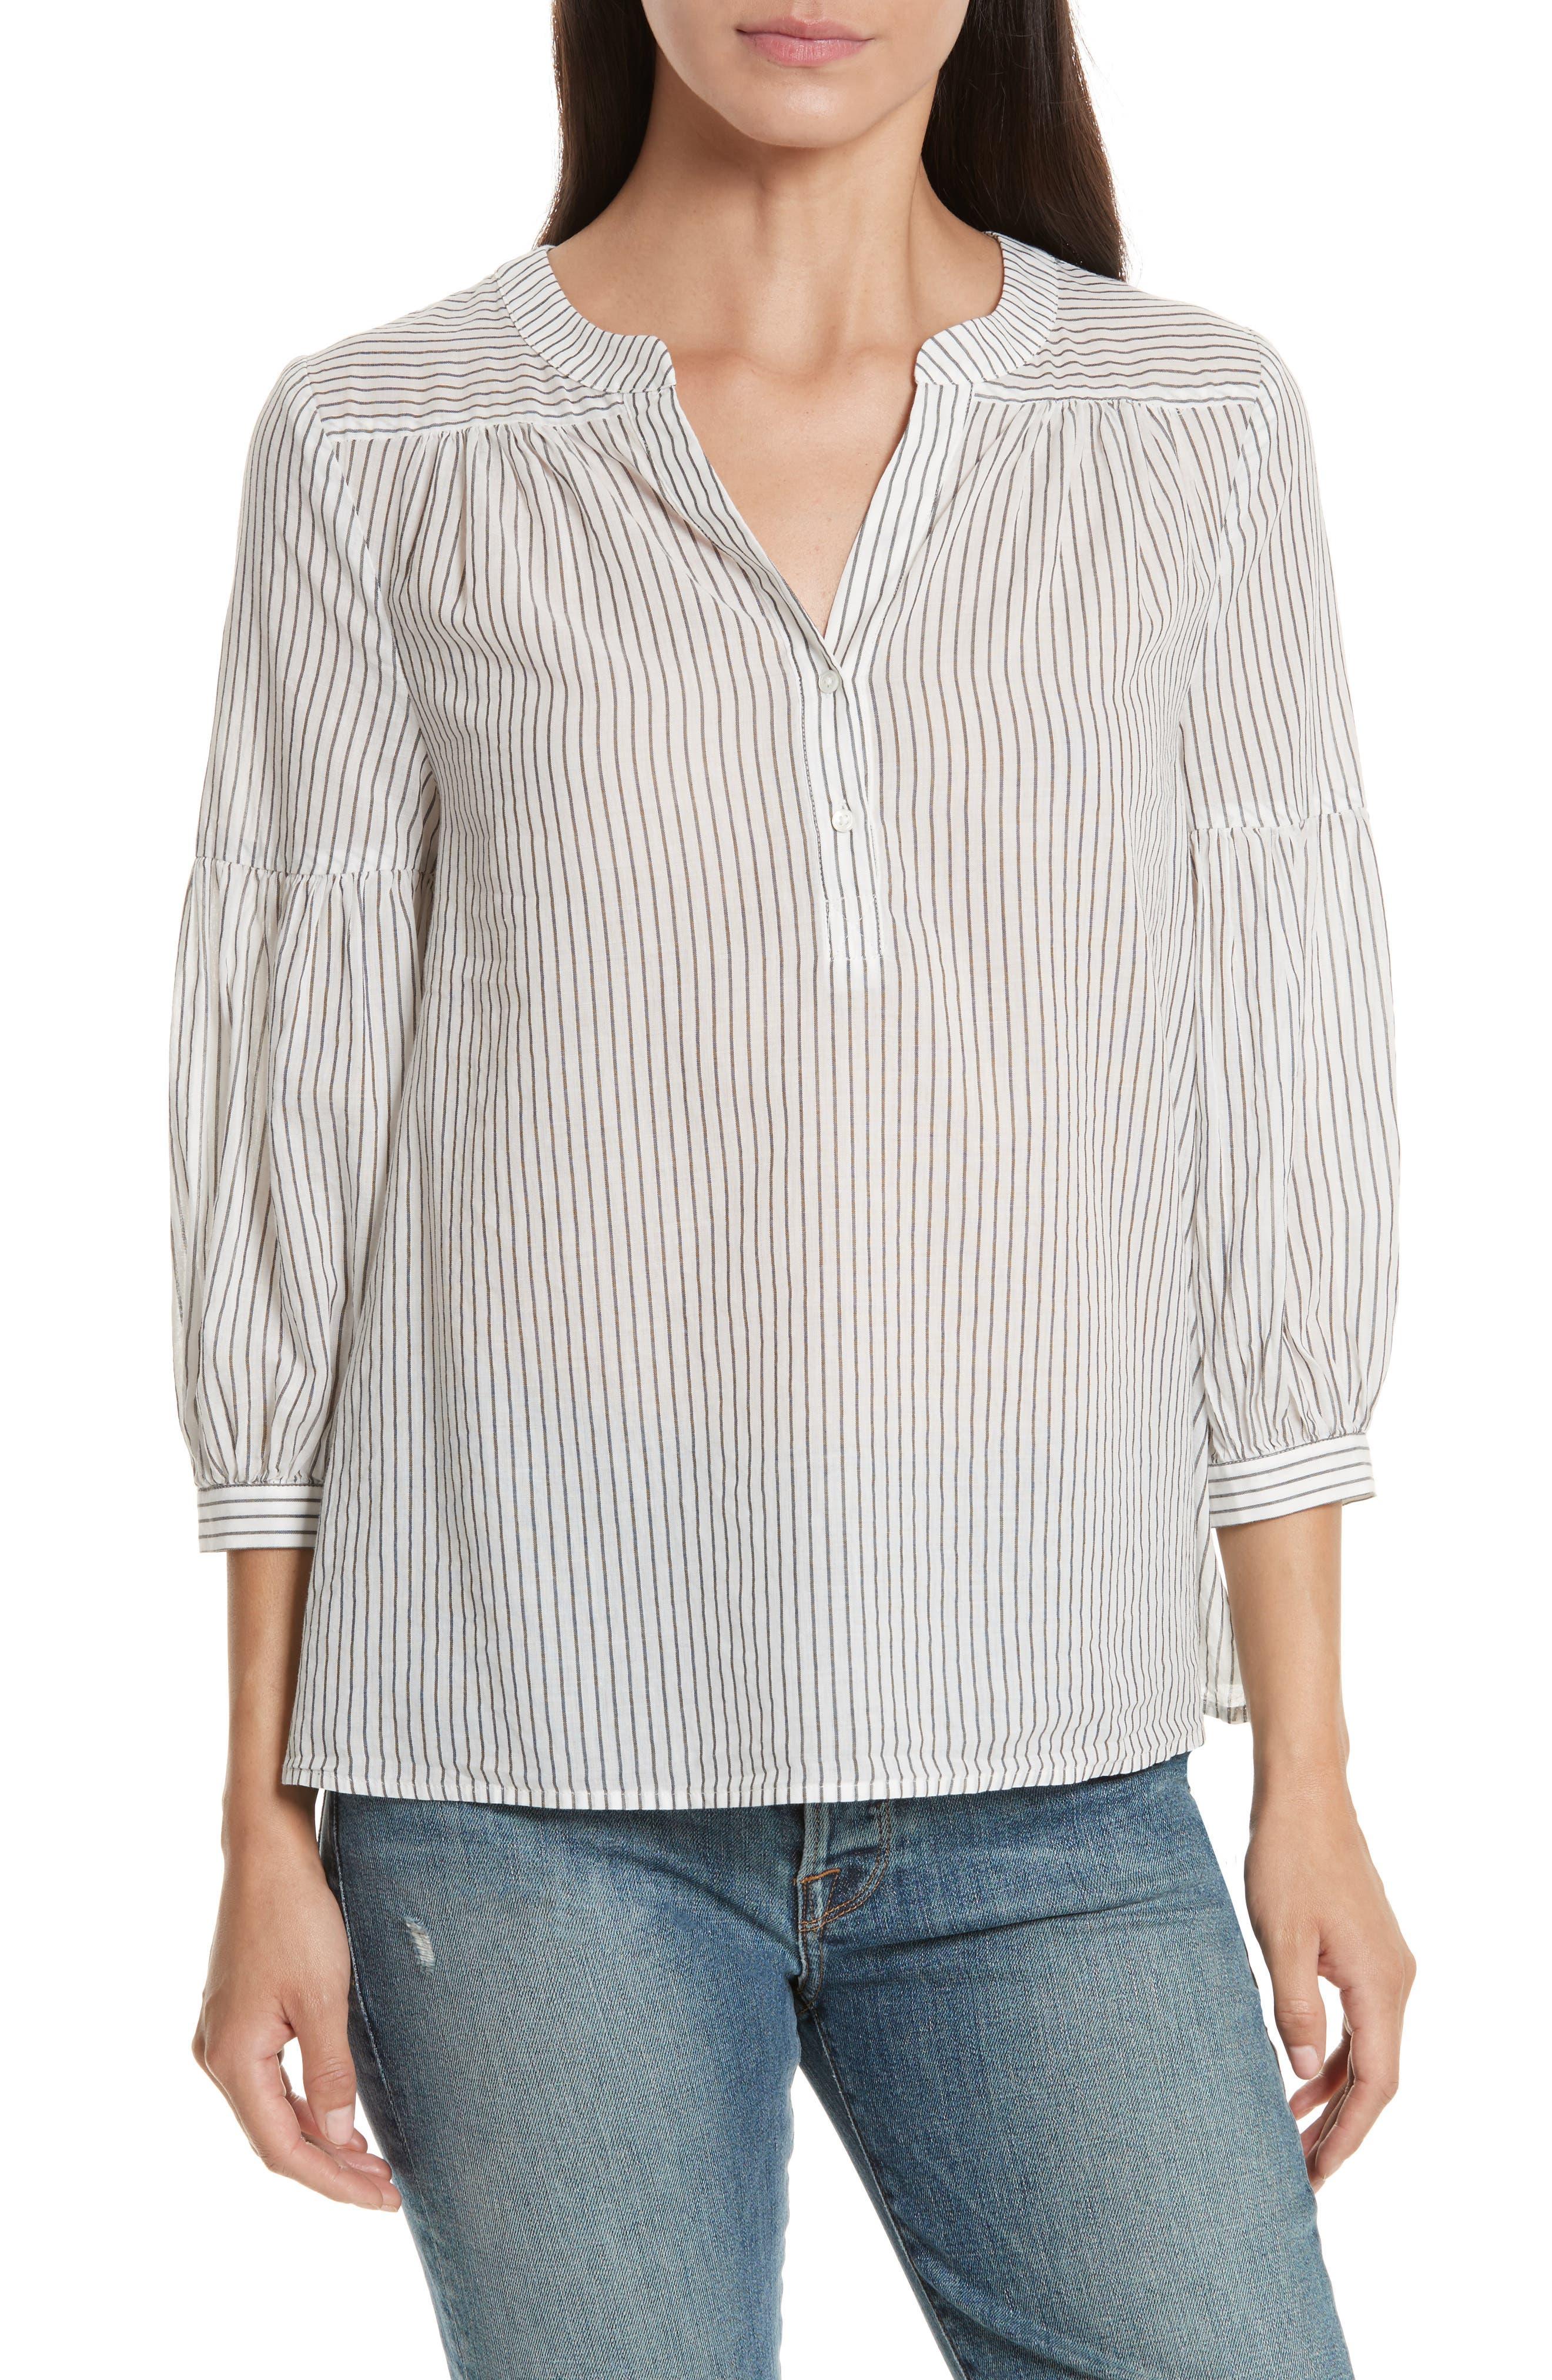 Main Image - Joie Aldys Stripe Cotton Top